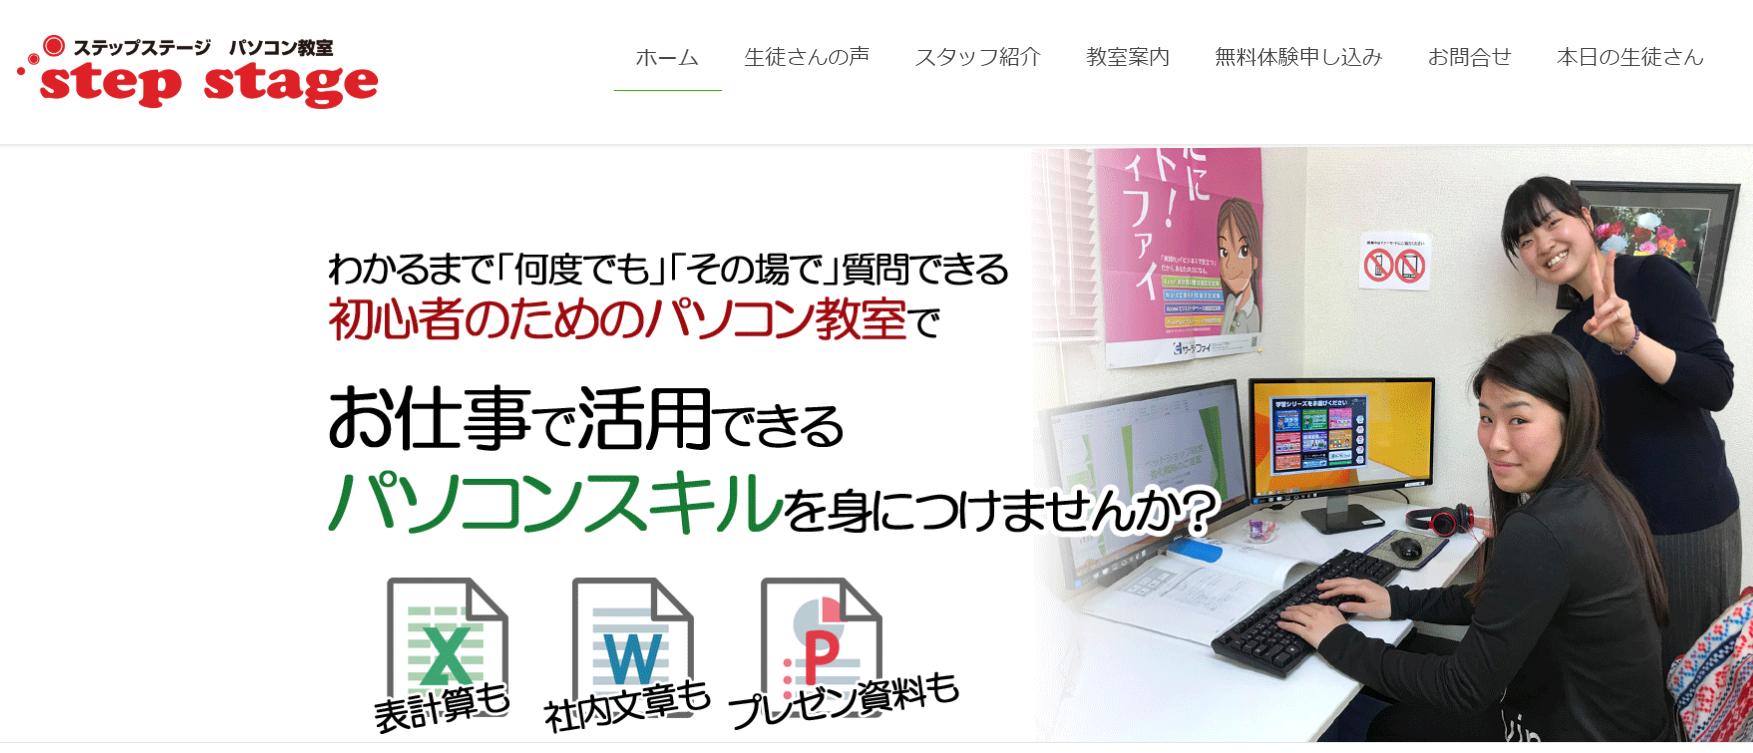 ステップステージパソコン教室の評判・口コミ